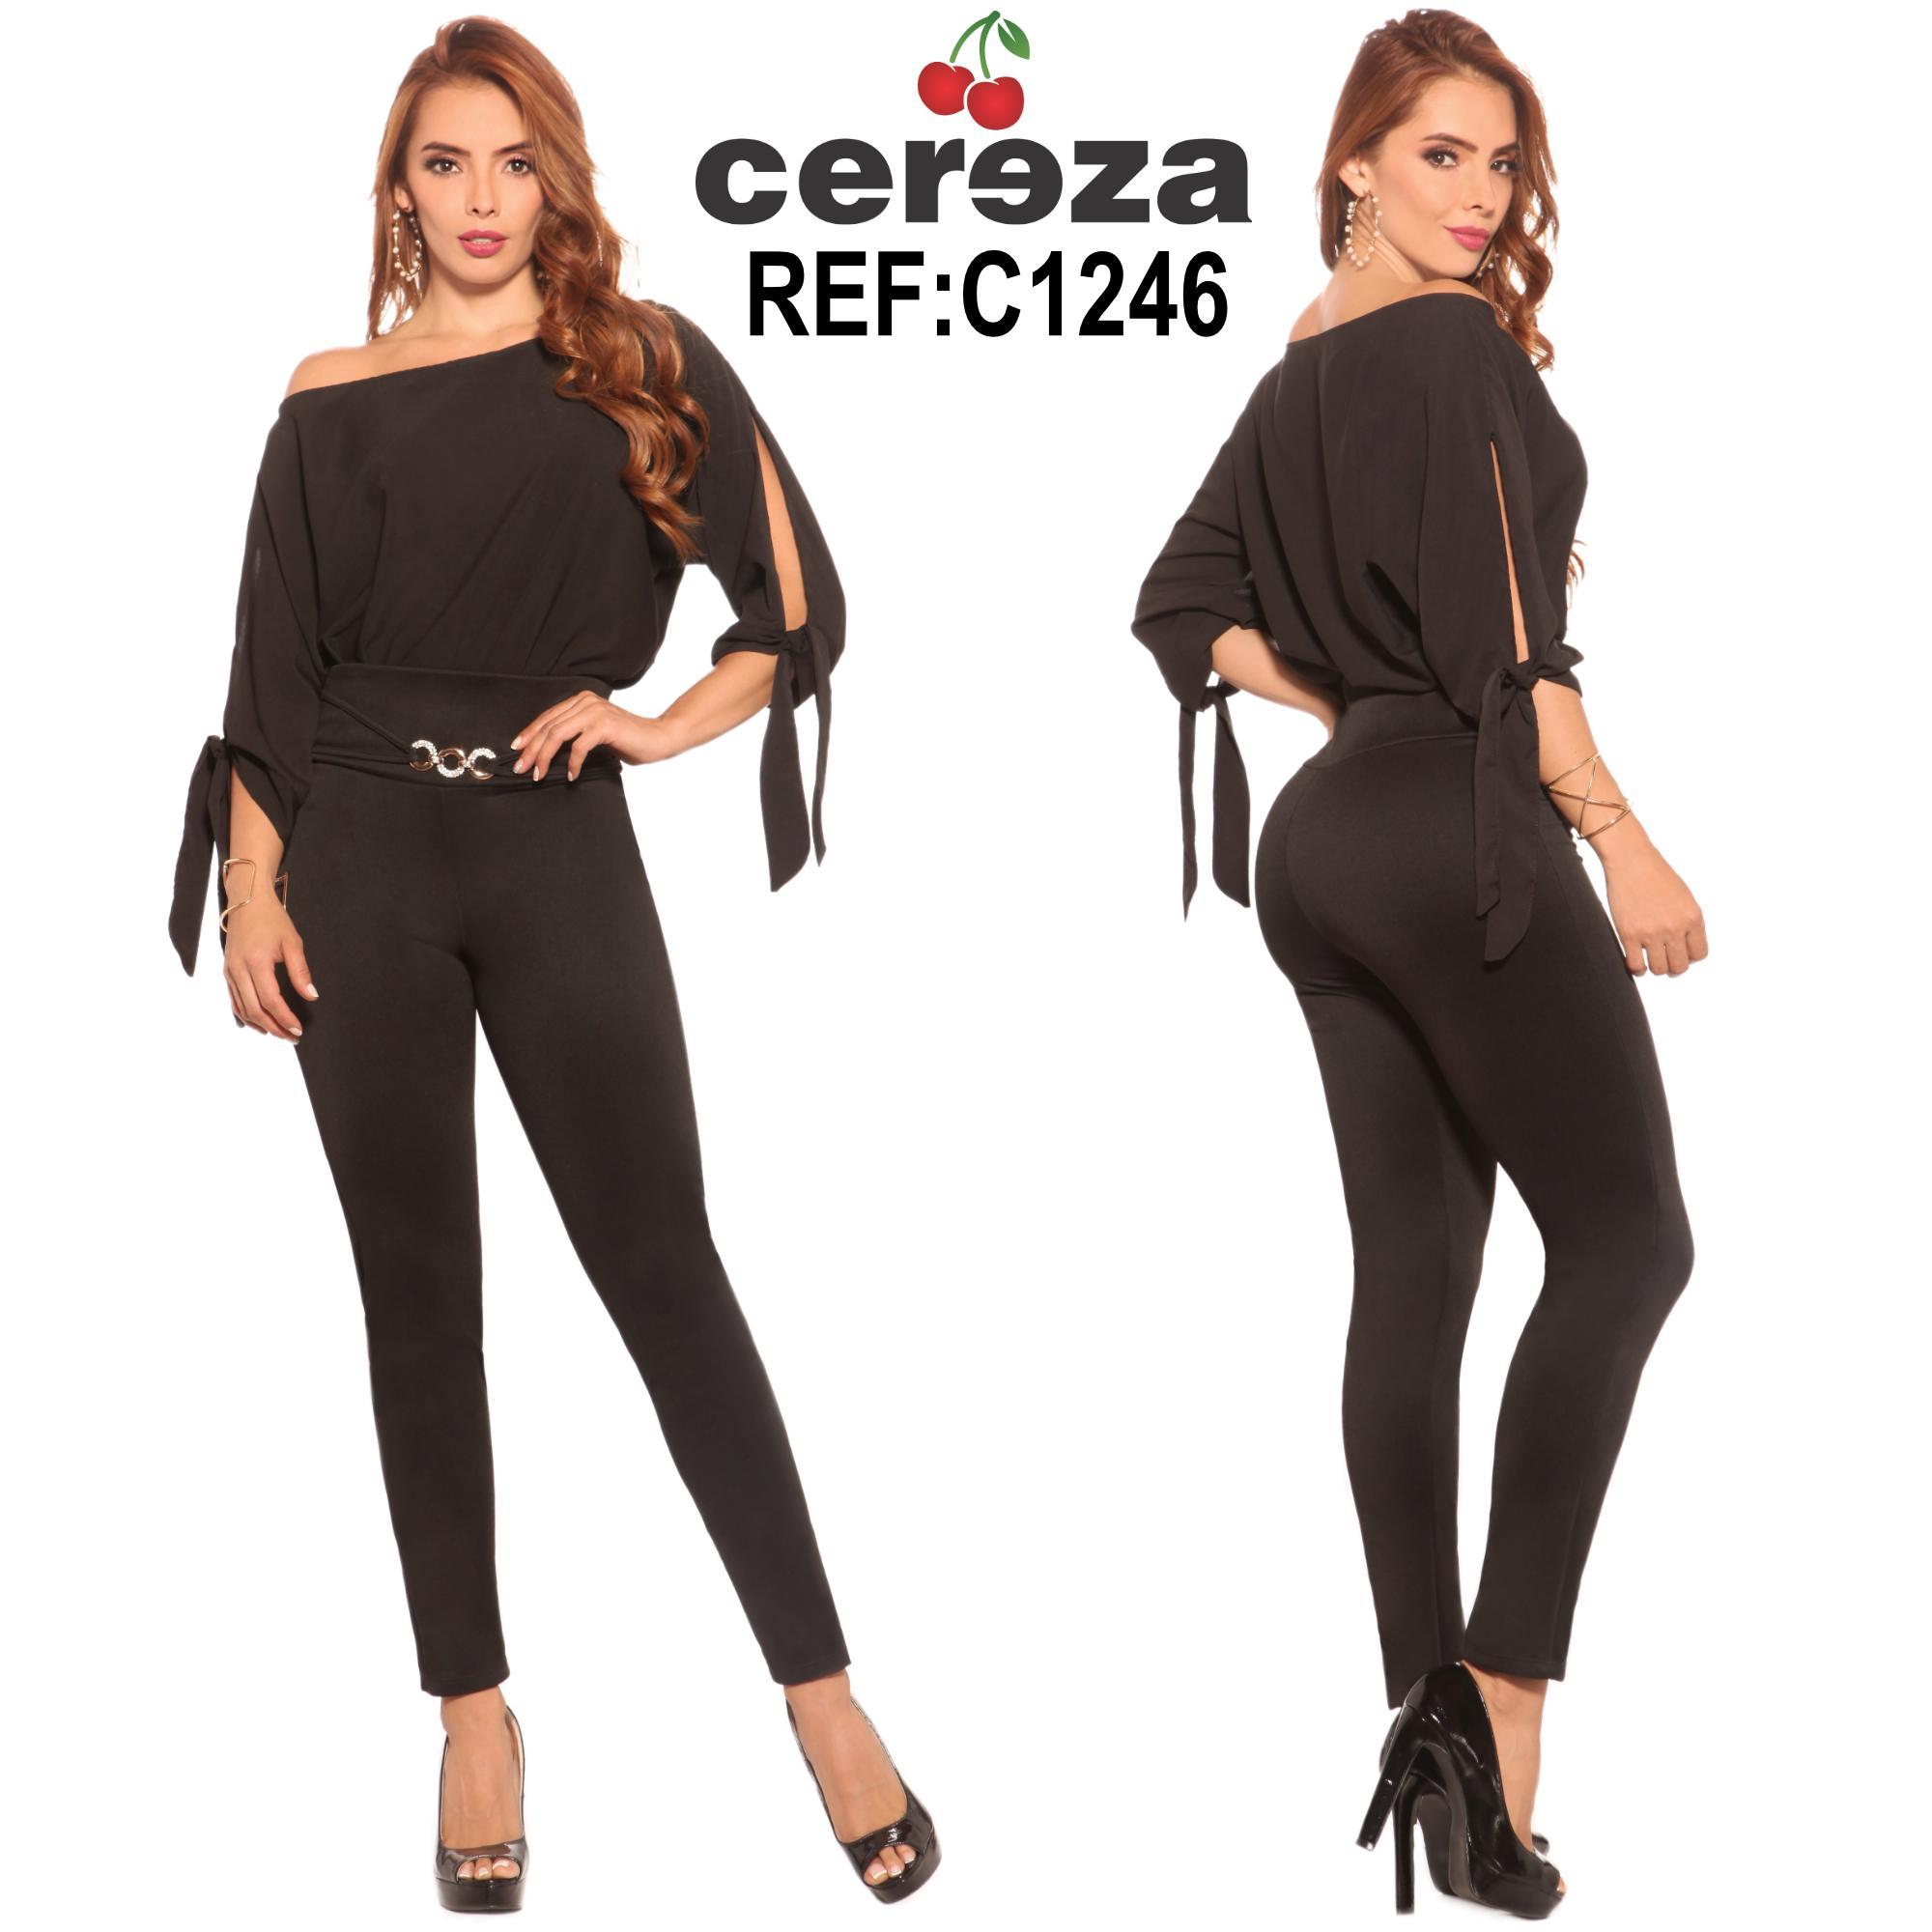 Conjunto Colombiano, Blusa un hombro , mangas al antebrazo y pantalón largo color negro